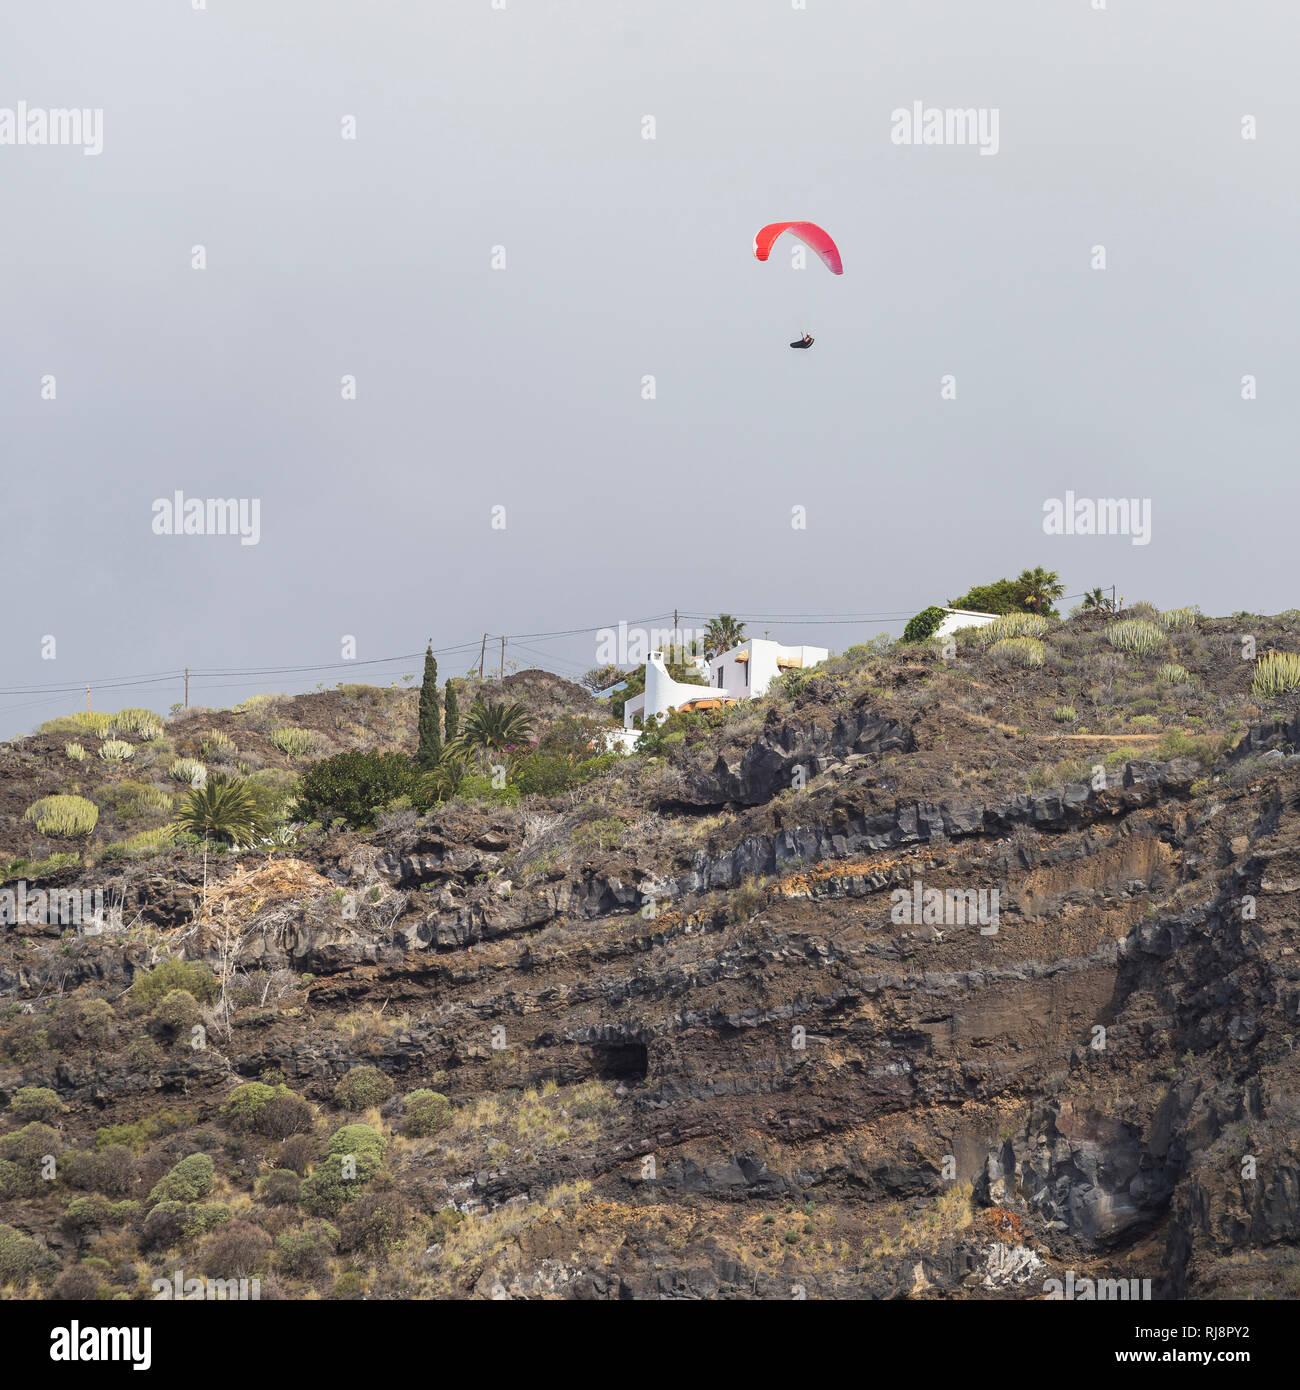 Gleitschirmflieger über der Felswand von Puerto Naos, La Palma, Kanarische Inseln, Spanien - Stock Image